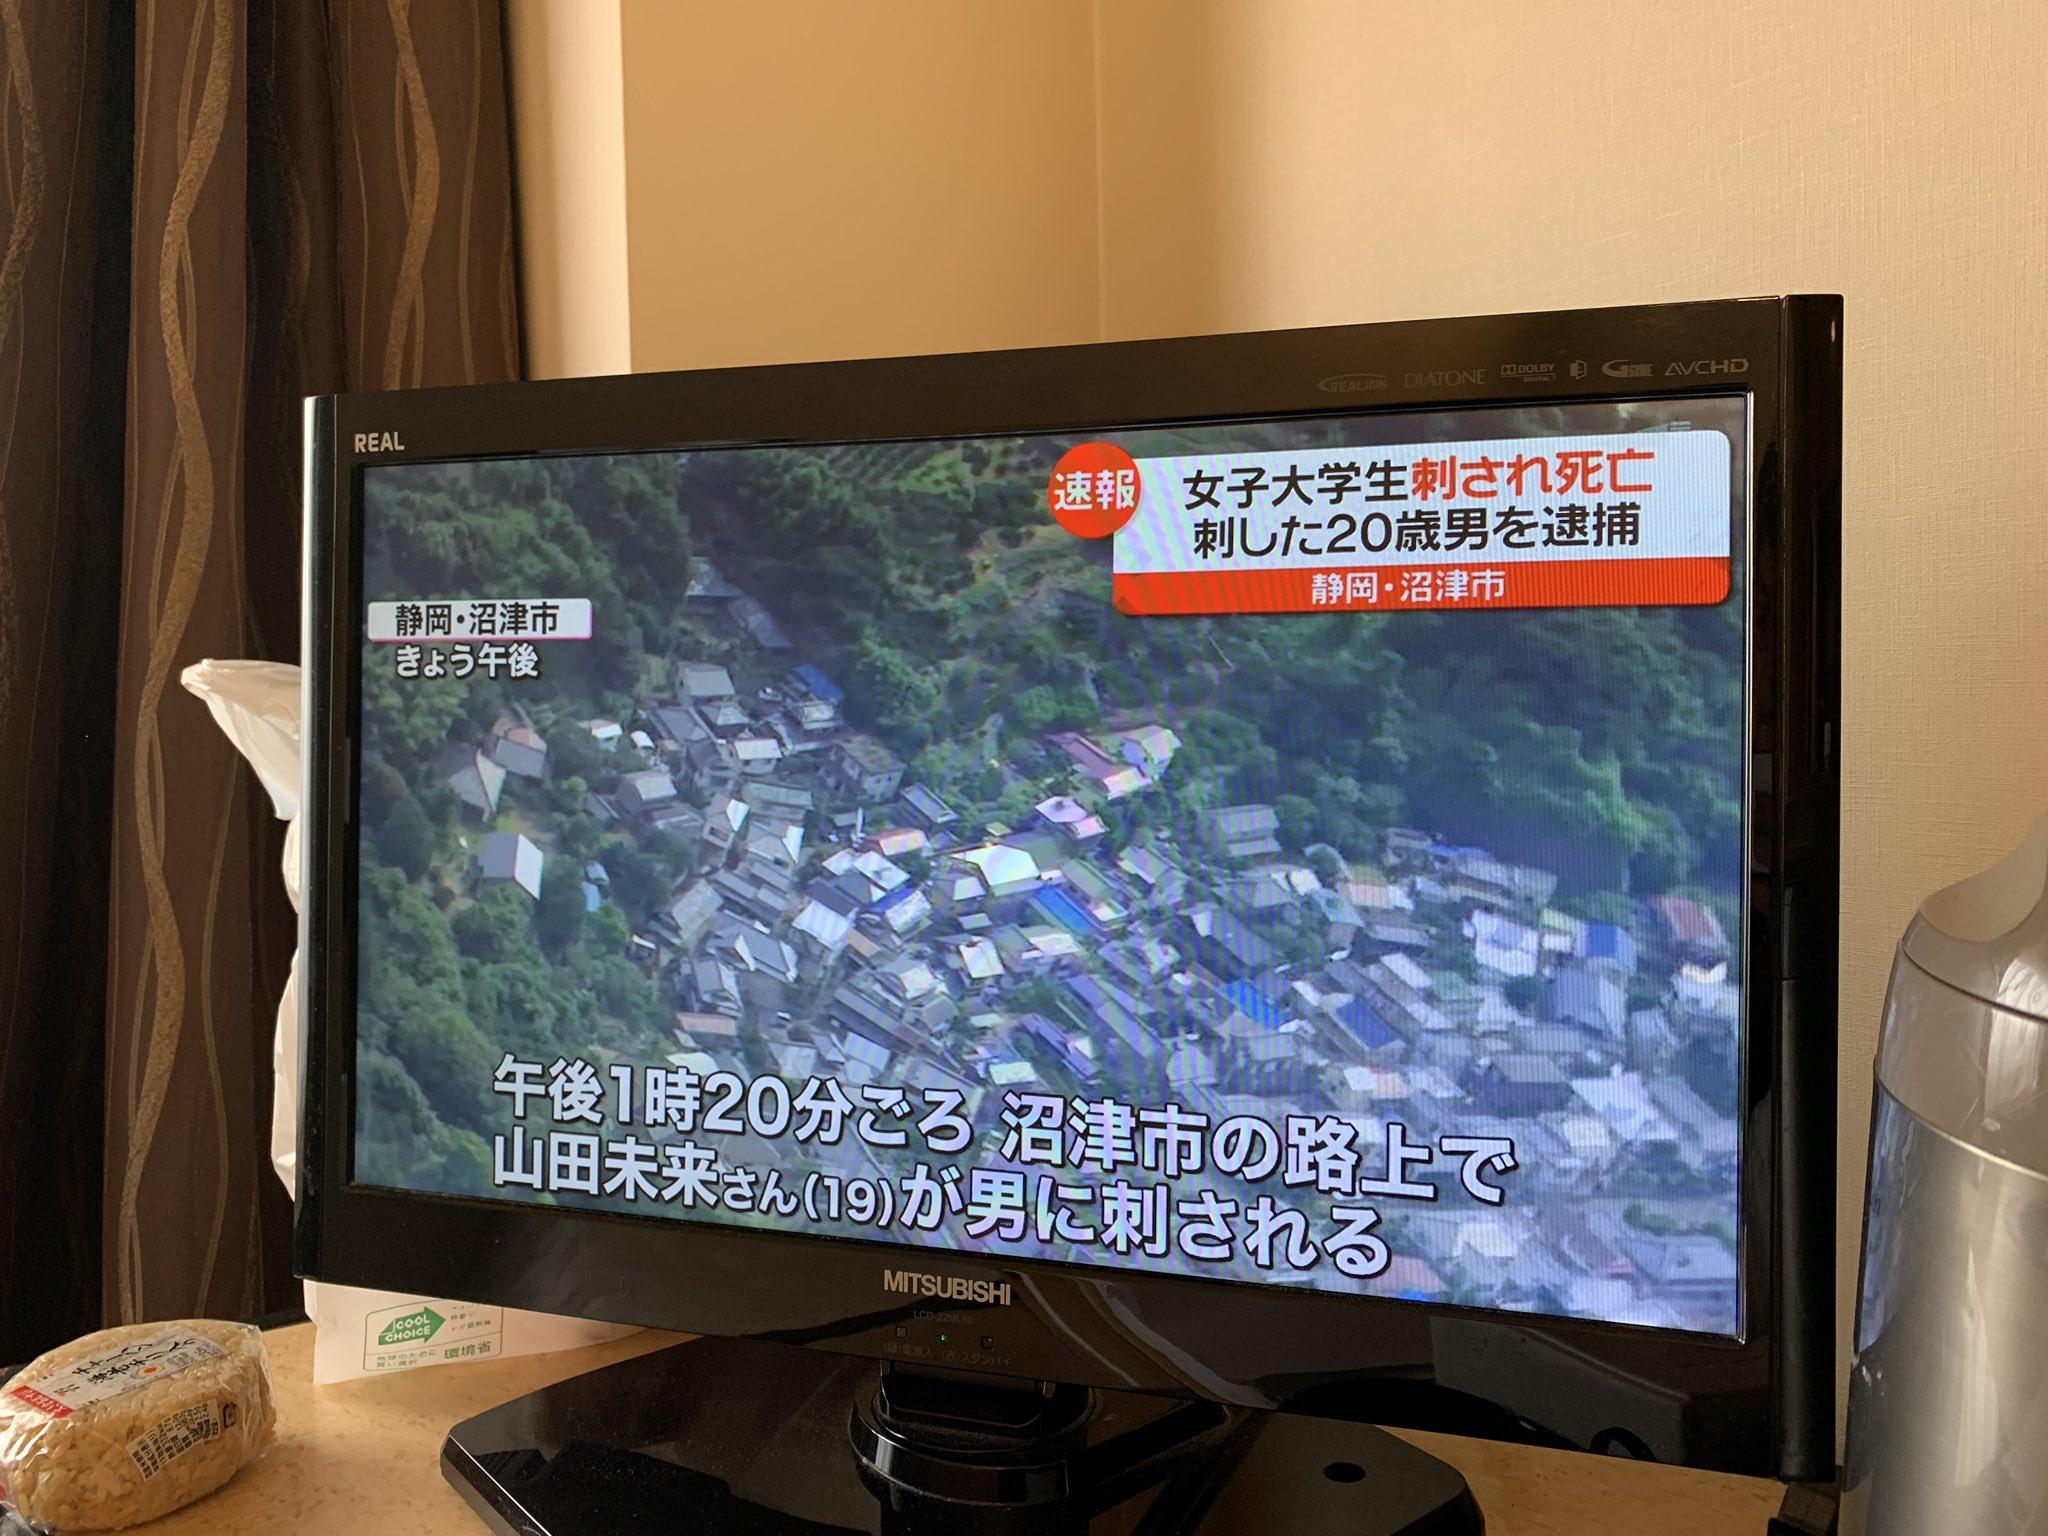 画像,沼津で殺人事件😨逮捕されてるみたいだけど怖いわ.. https://t.co/pm0H8pXubL。